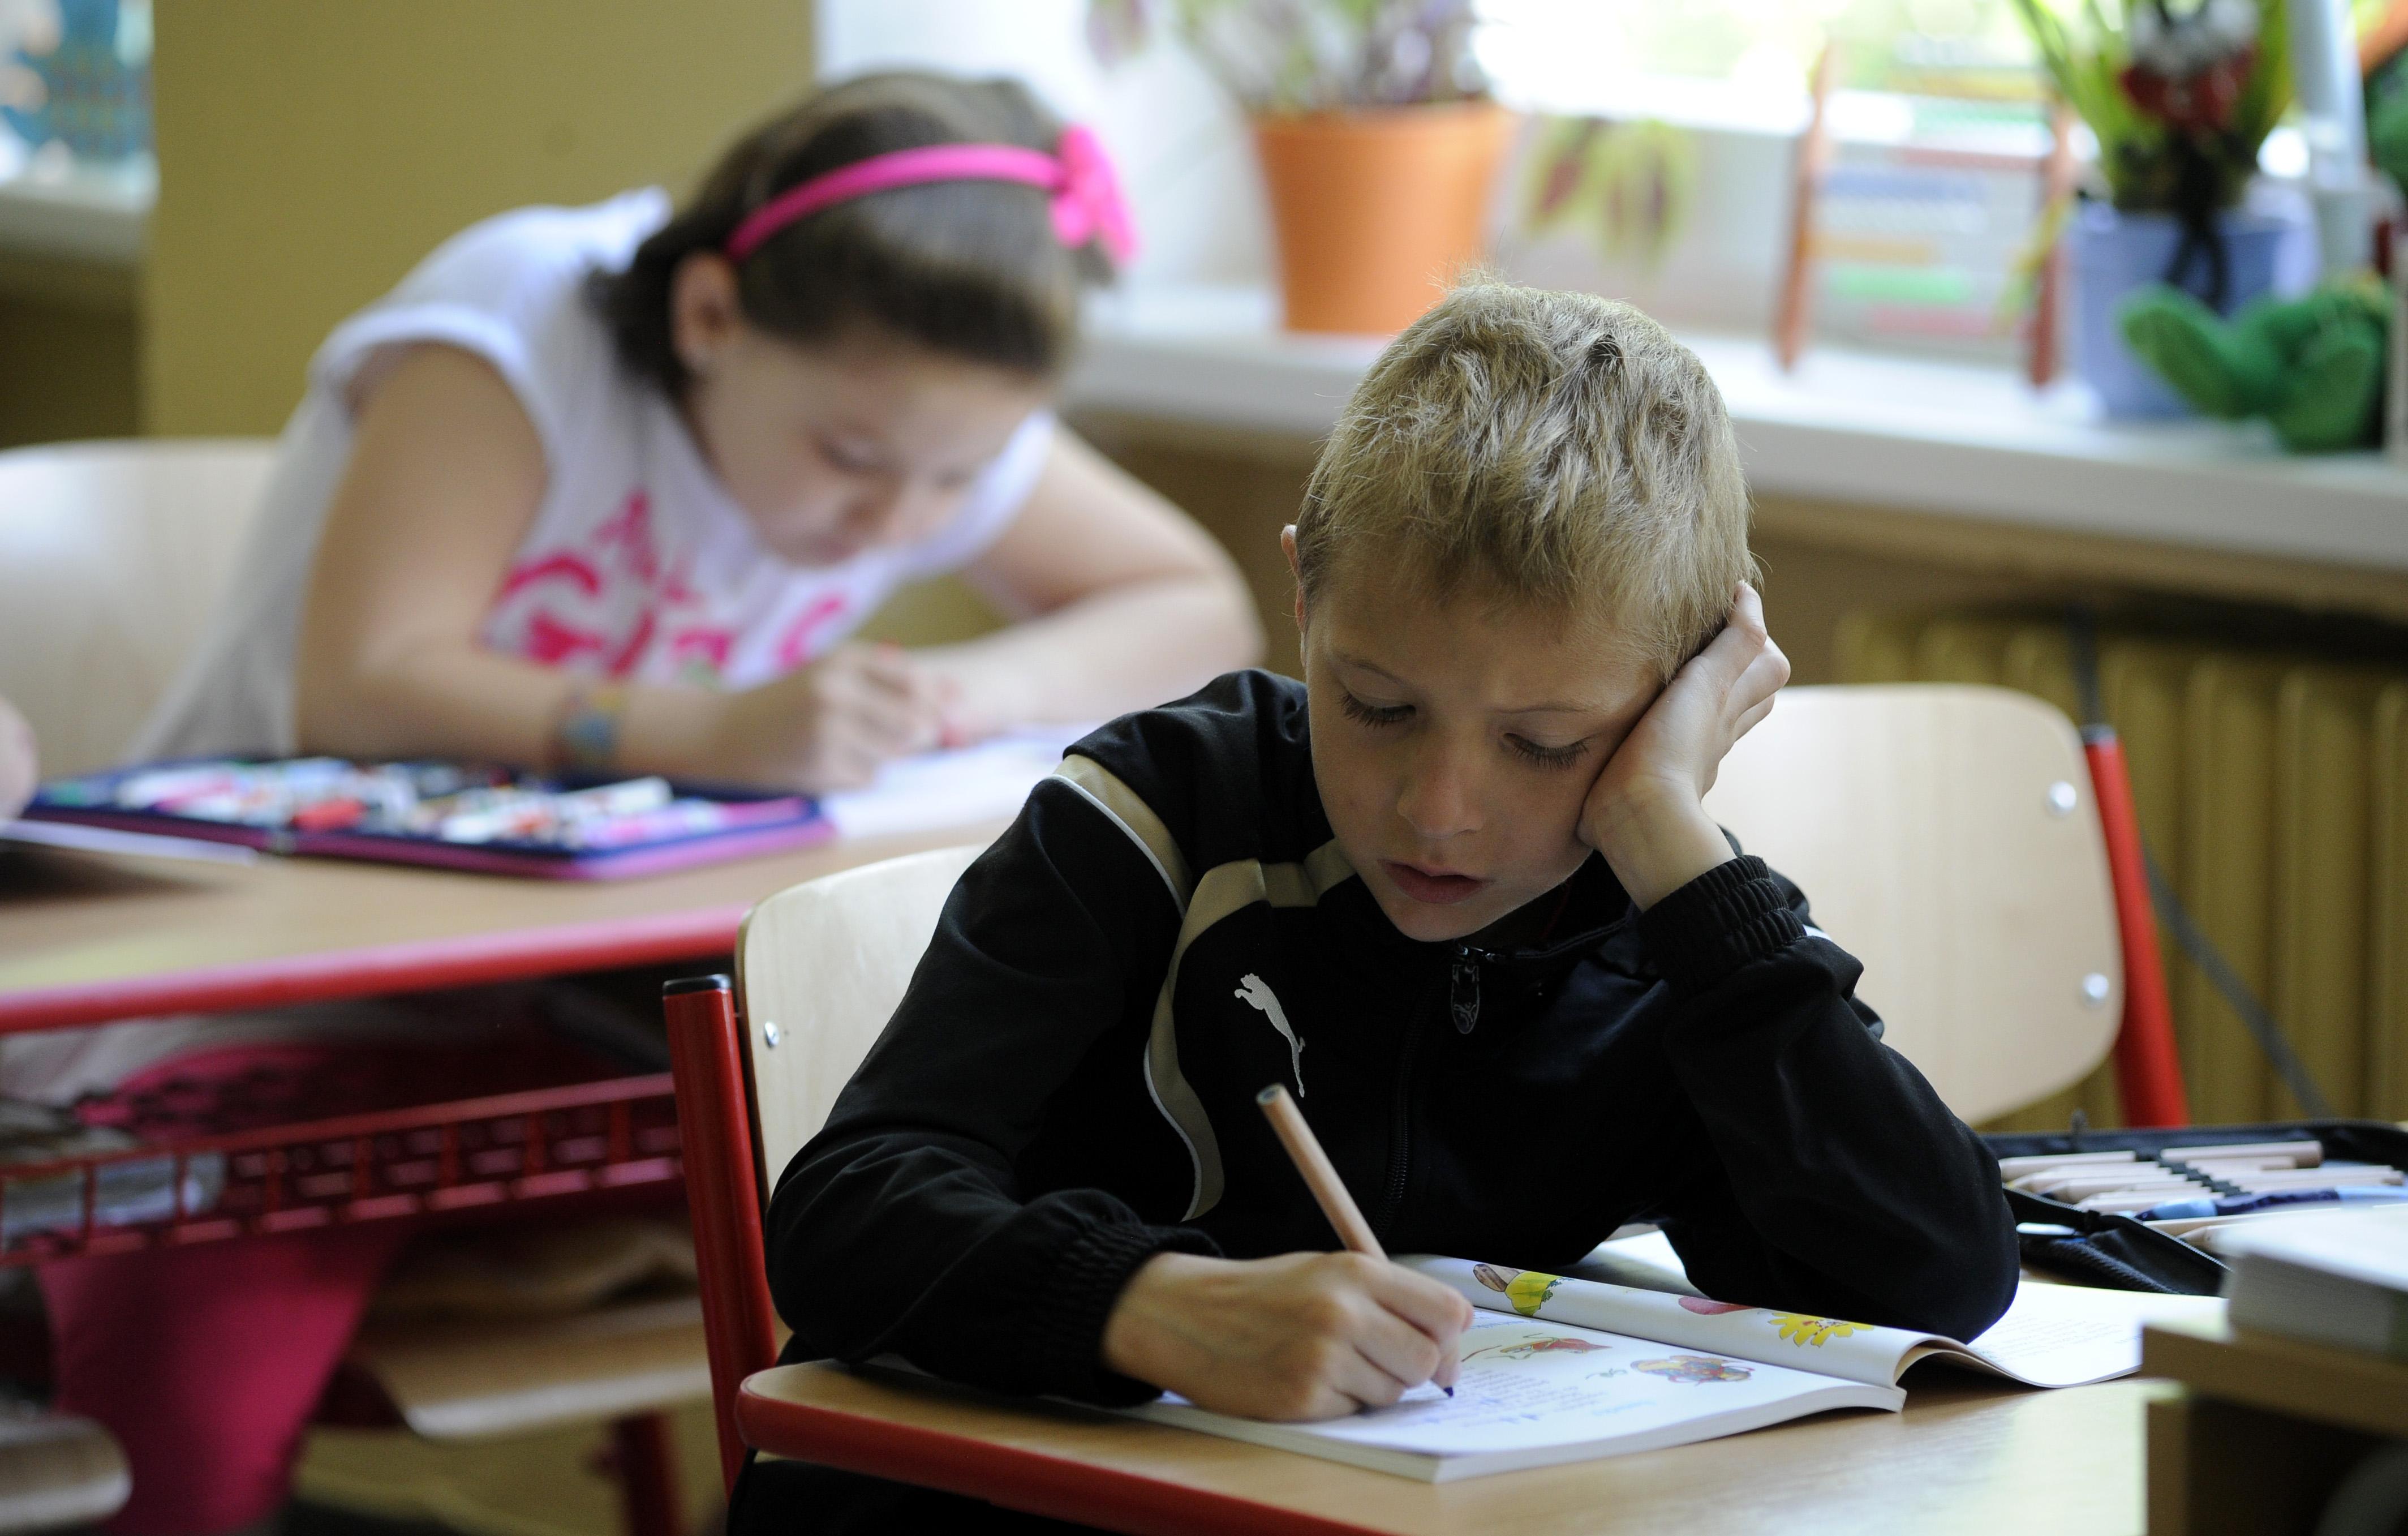 Szlovákiában szigorú tesztelés mellett nyitnak újra az iskolák és az óvodák